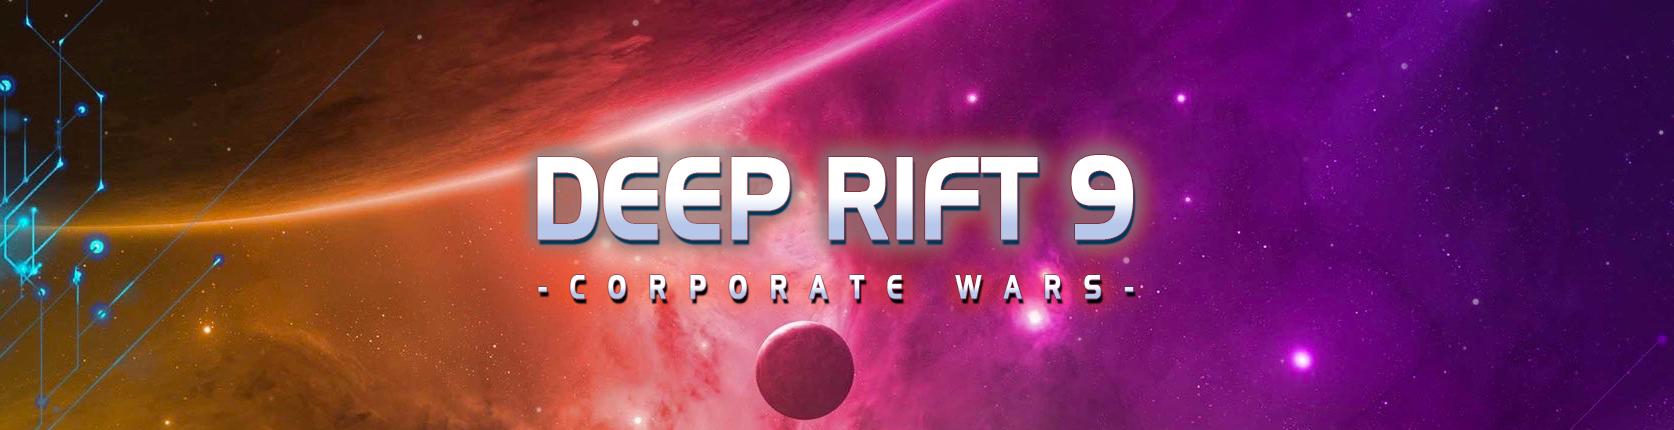 Deep Rift 9